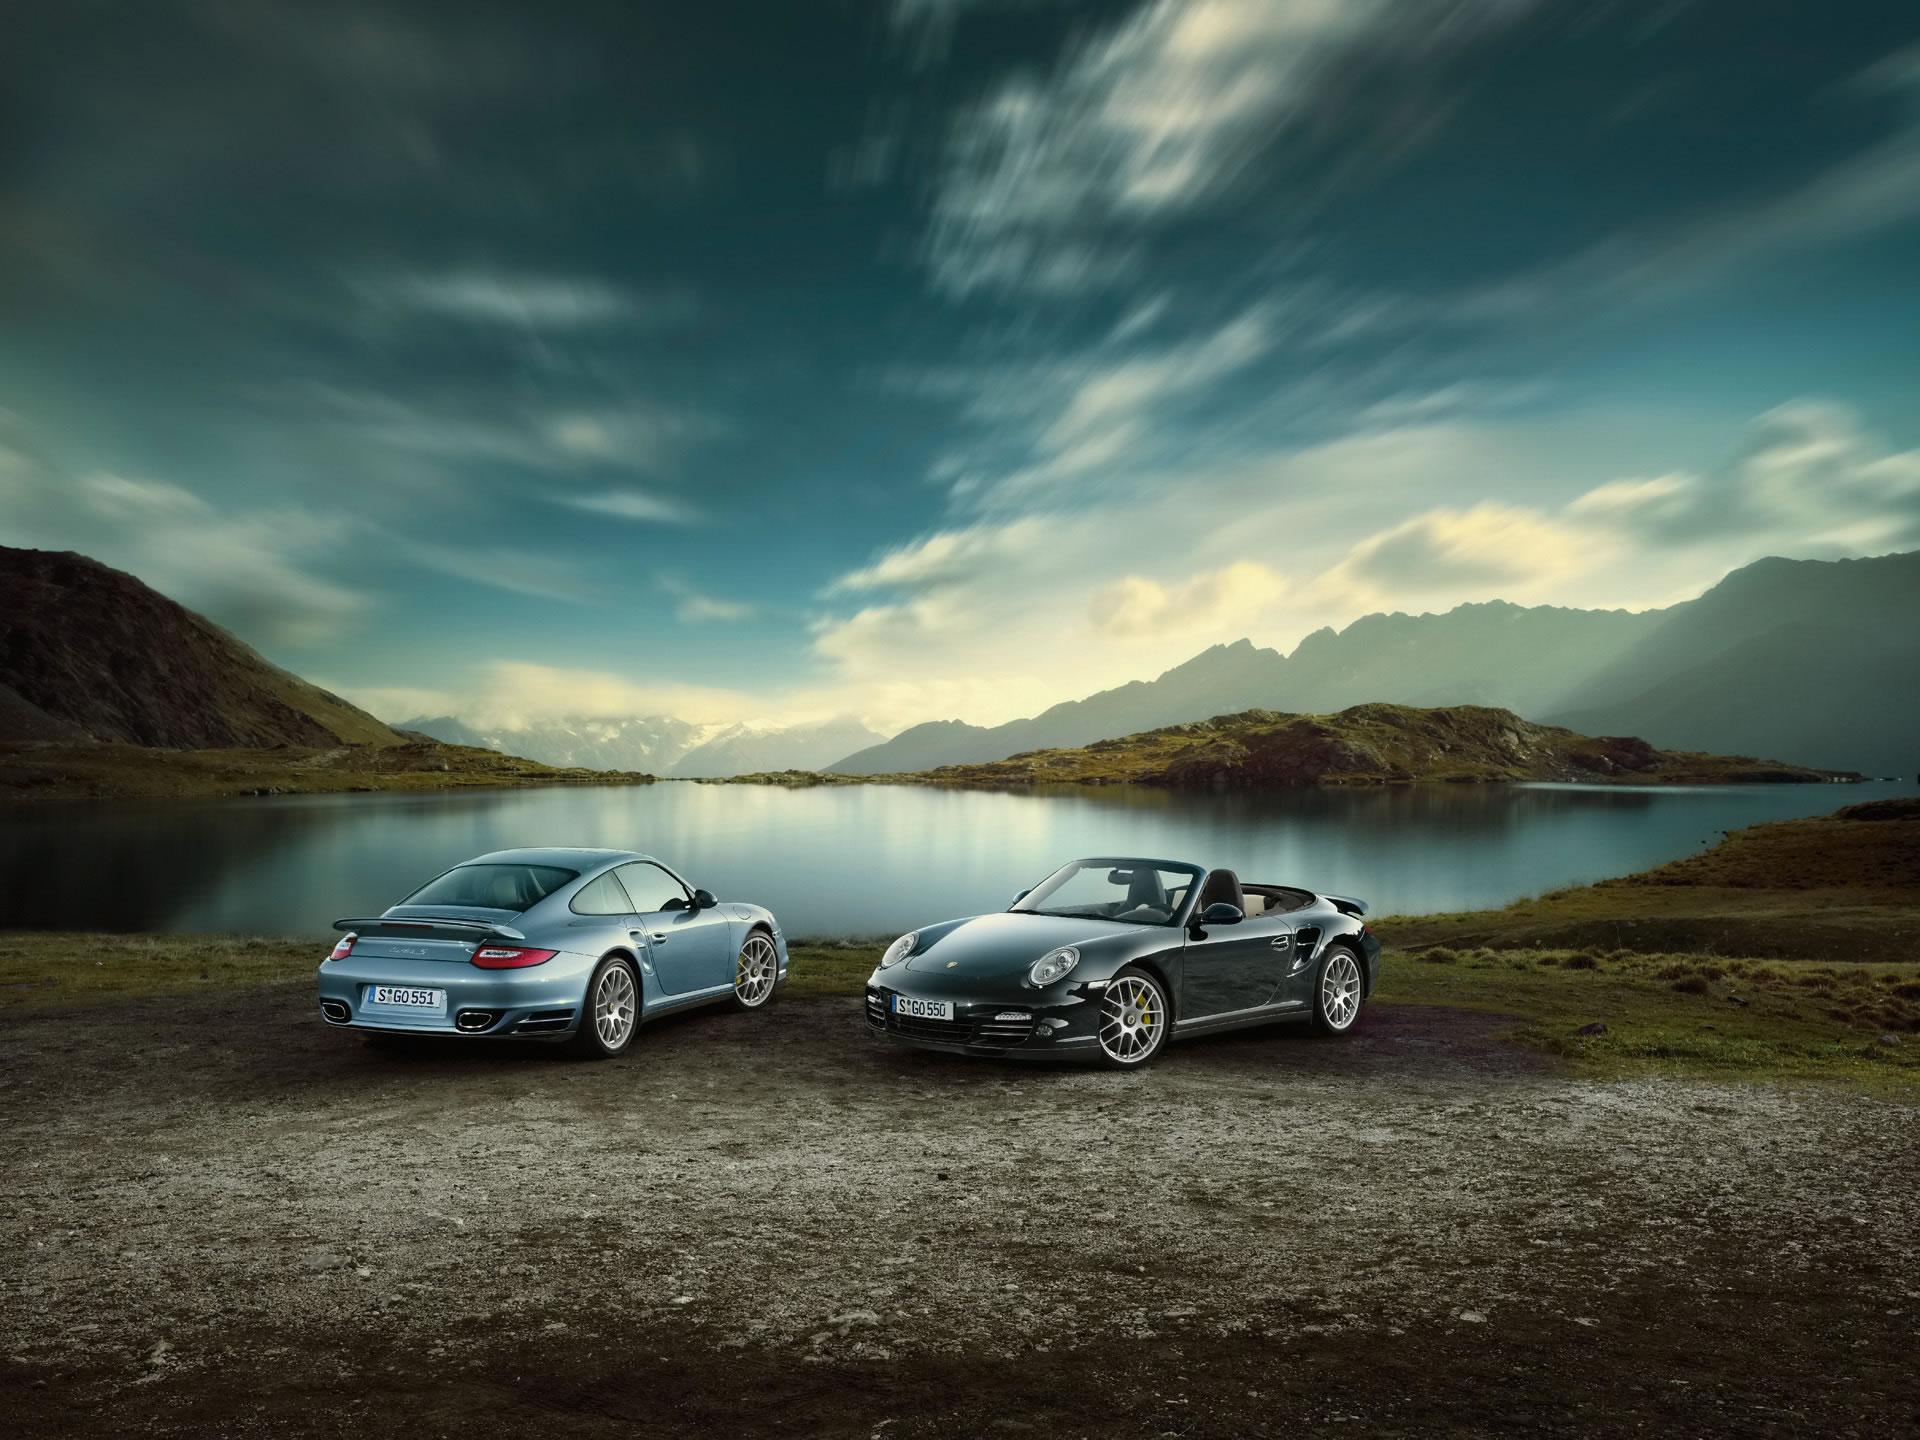 der neue Porsche 911 Turbo S von 2010